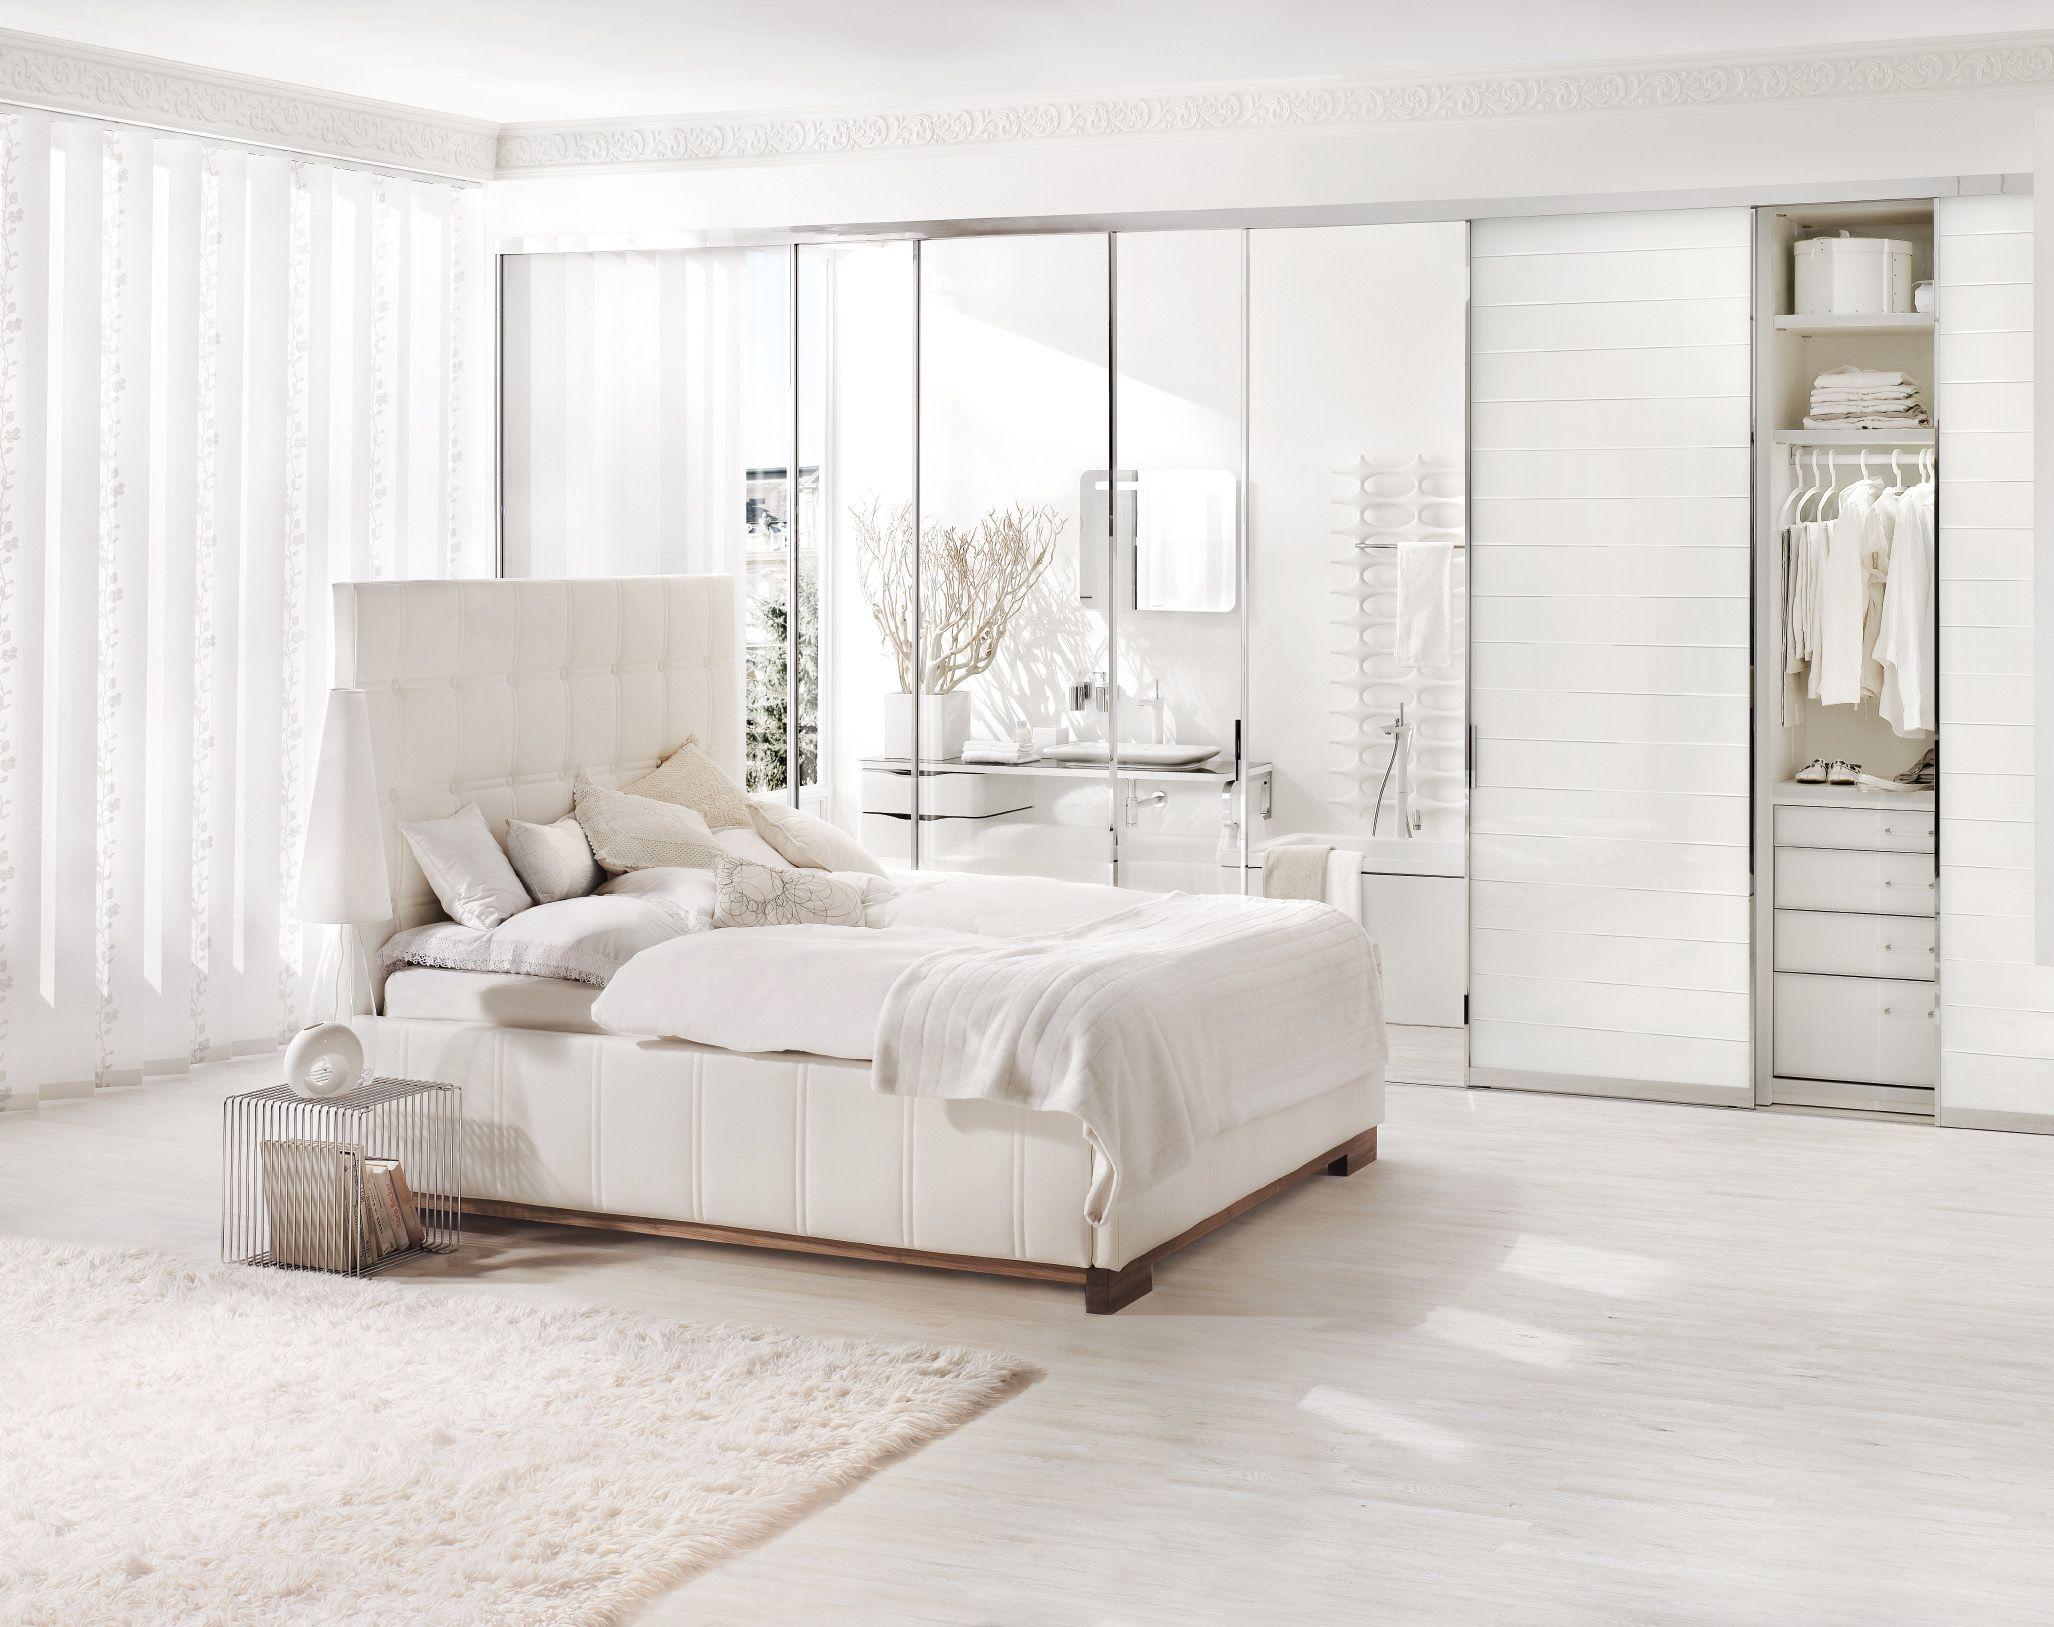 Weißer Einbauschrank Mit Spiegeln Einbauschraenke - Einbauschranke schlafzimmer